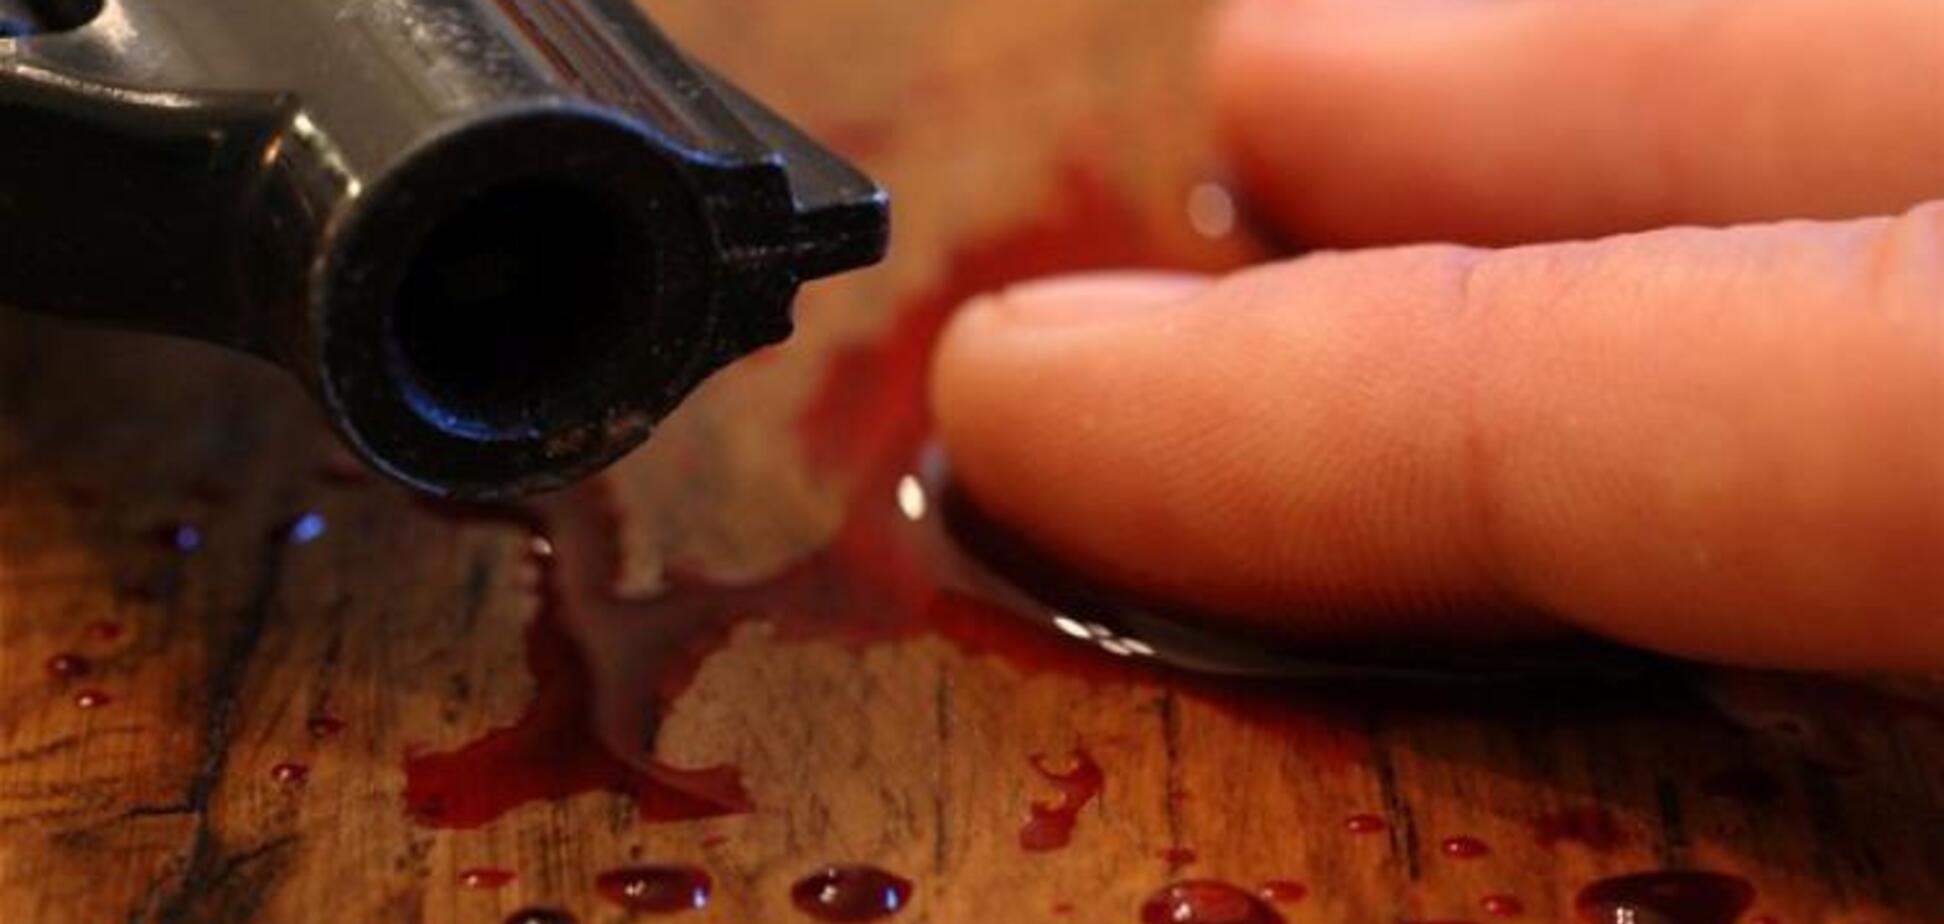 У Дніпрі чоловік застрелився з рушниці на очах у дружини: фото з місця подій